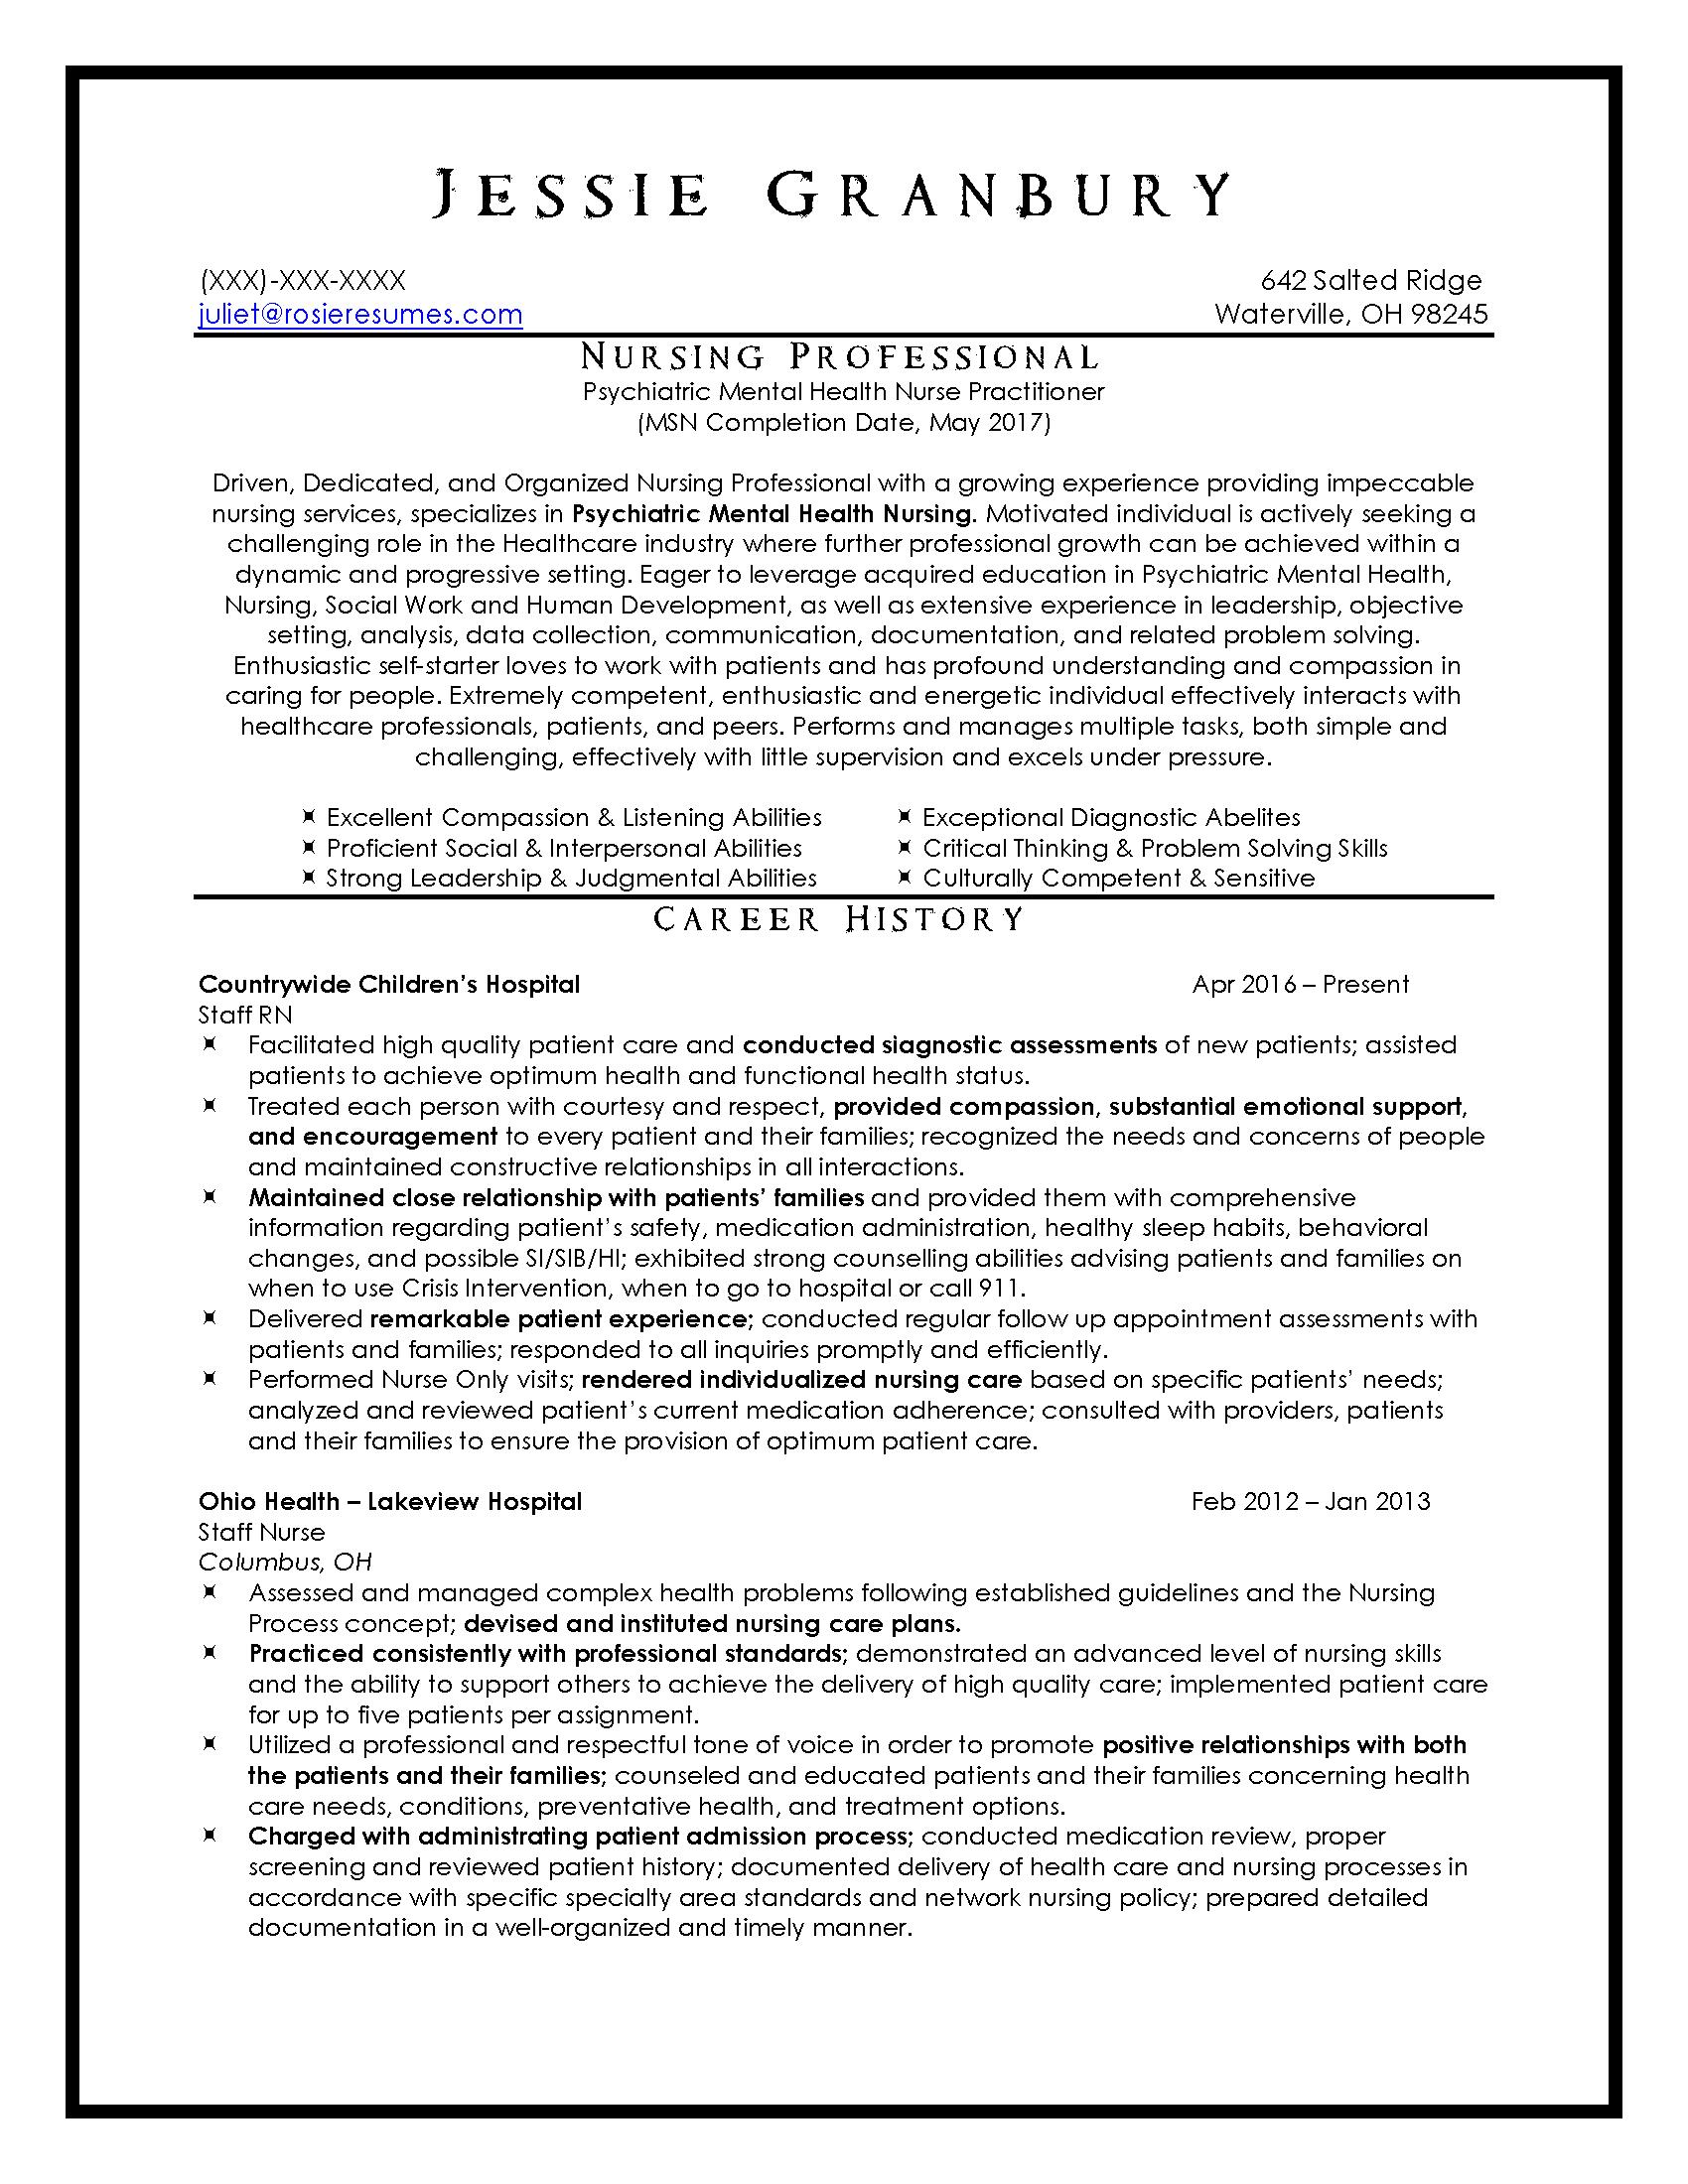 RRTRS Nursing Resume Sample_Page_1